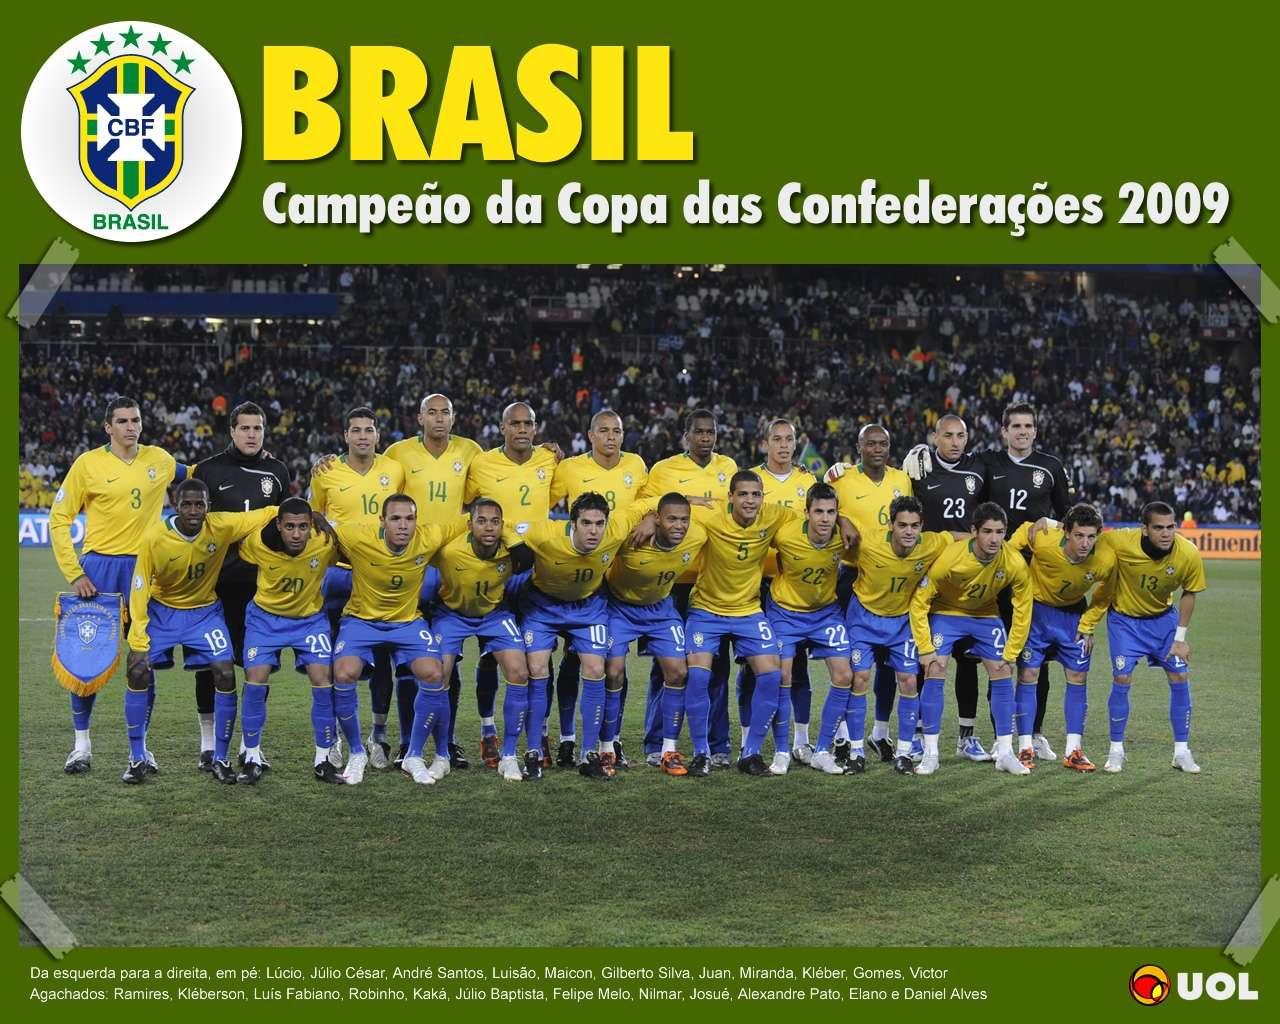 Brasil Campeão - Copa das Confederações 2009